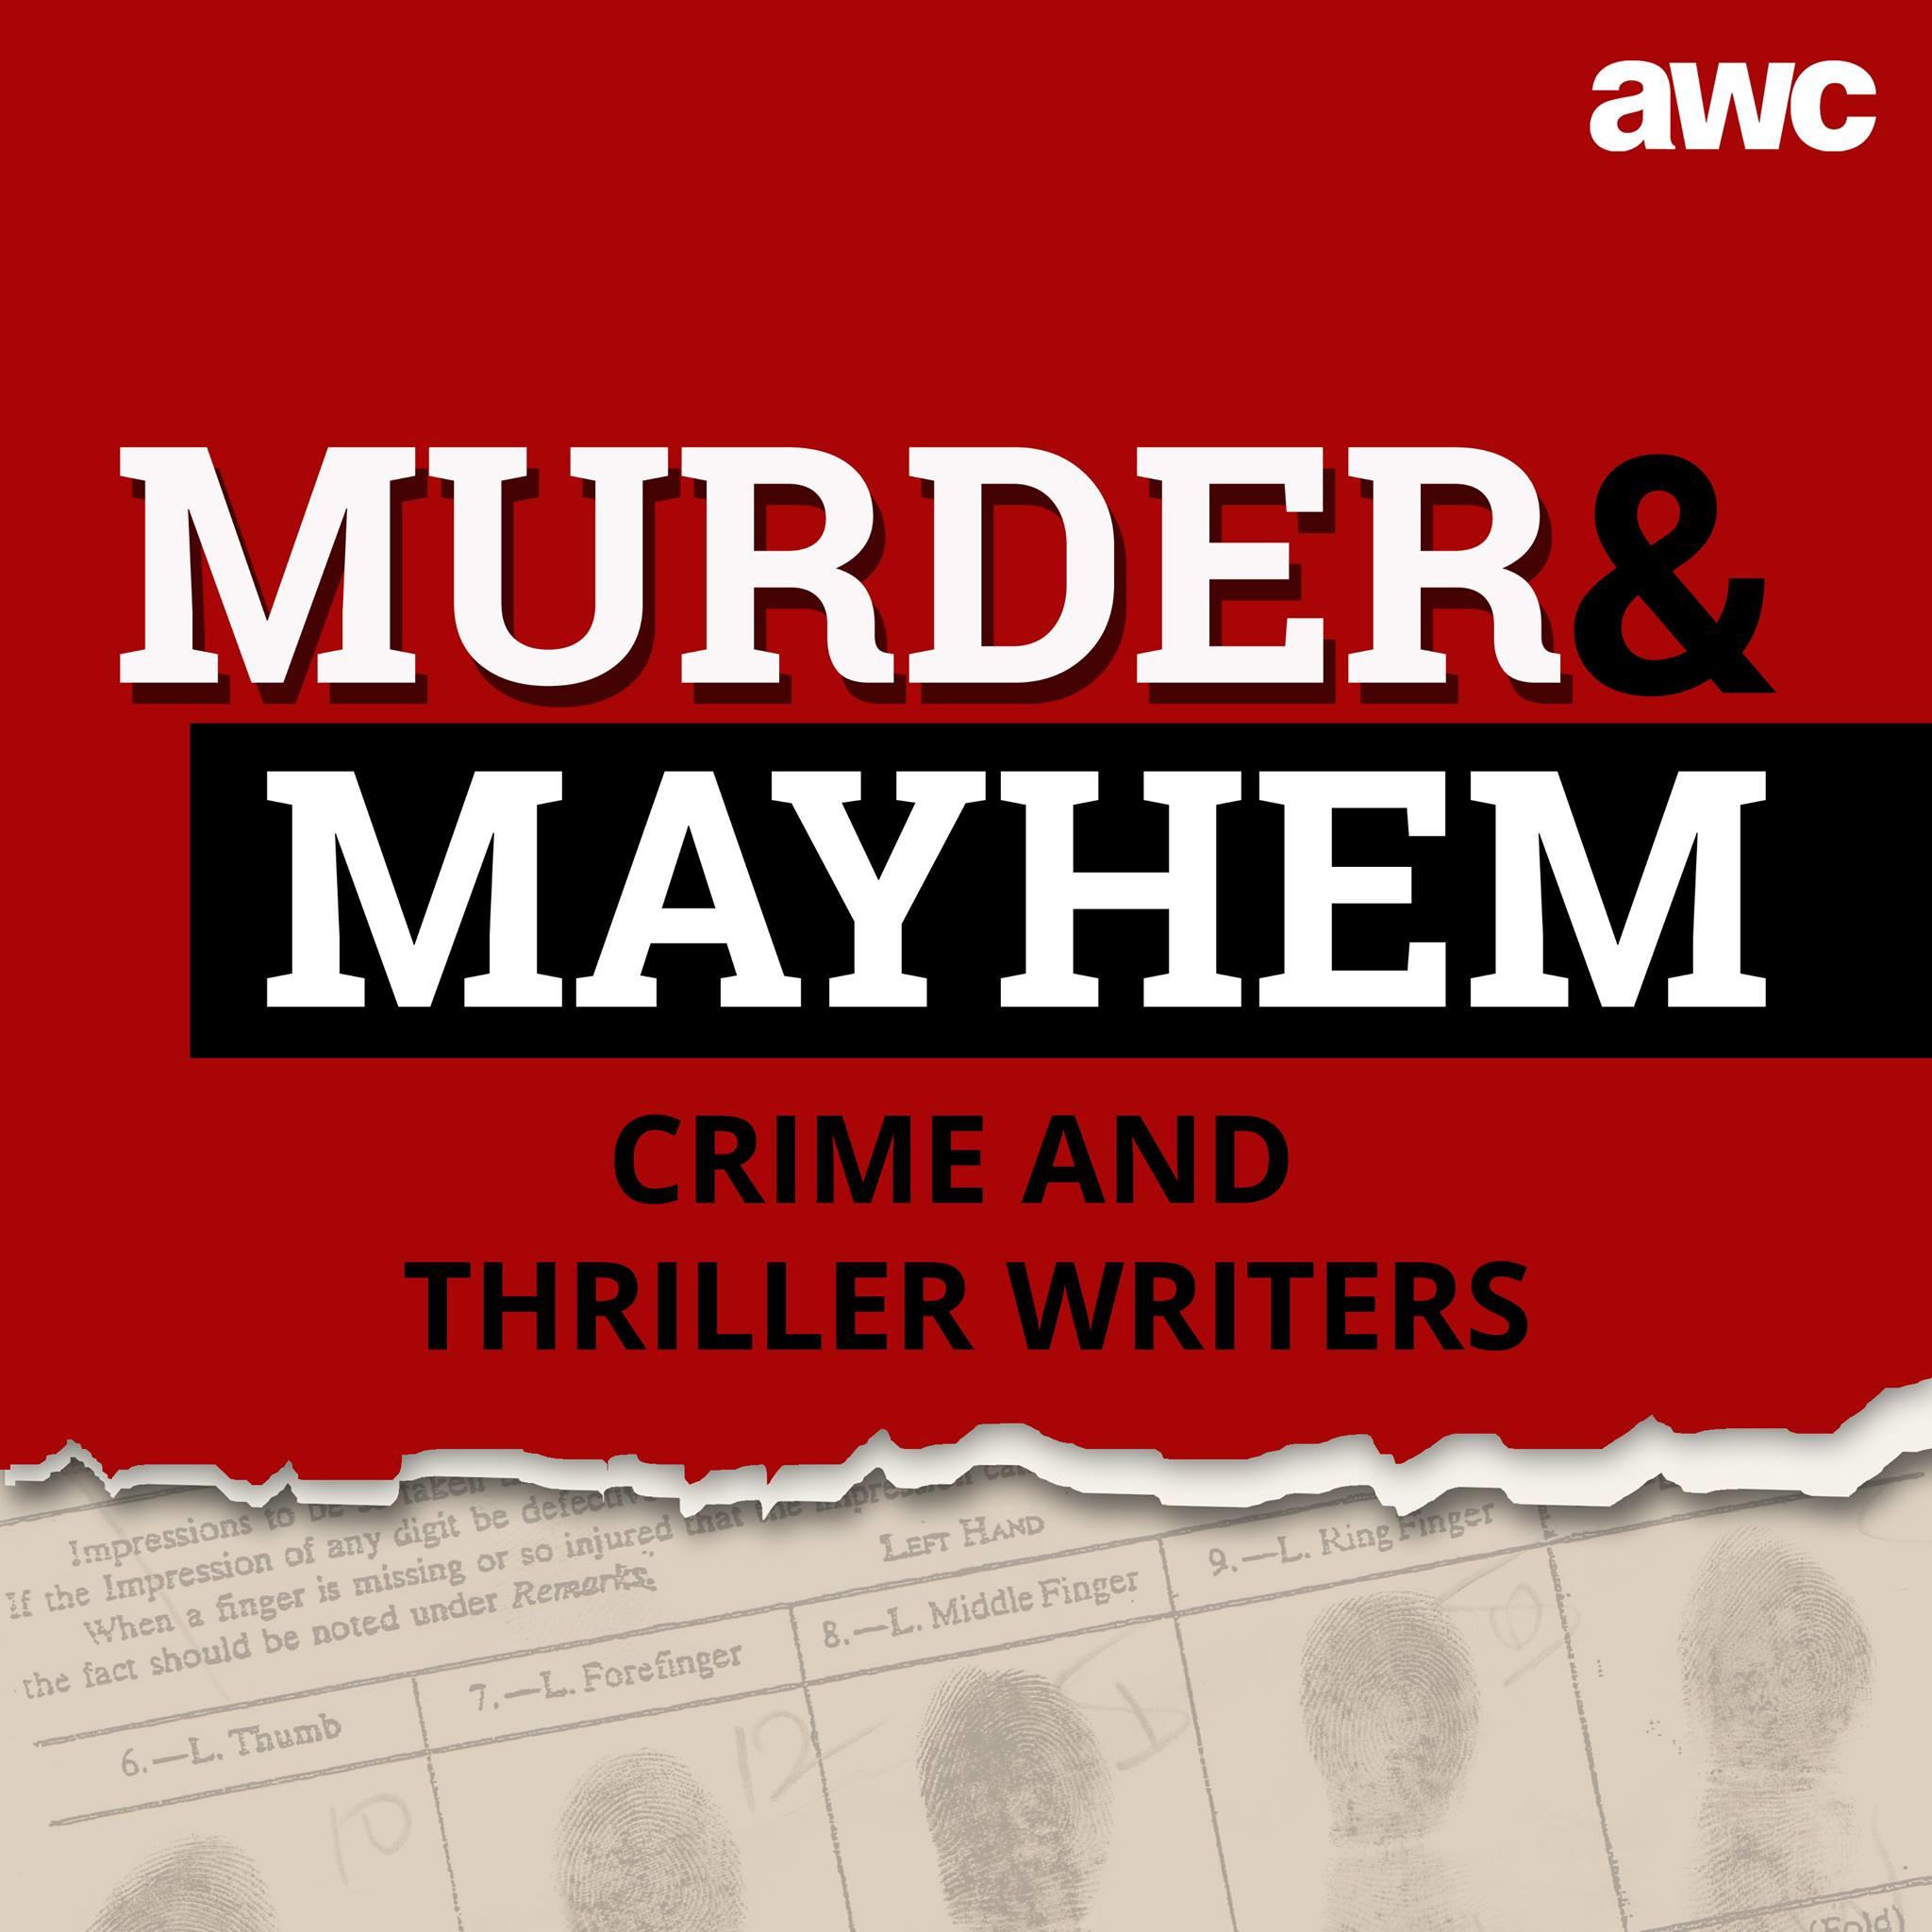 MURDER MAYHEM 27: Greg Barron is author of novels Rotten Gods, Savage Tide and Lethal Sky. @gjbarronbooks